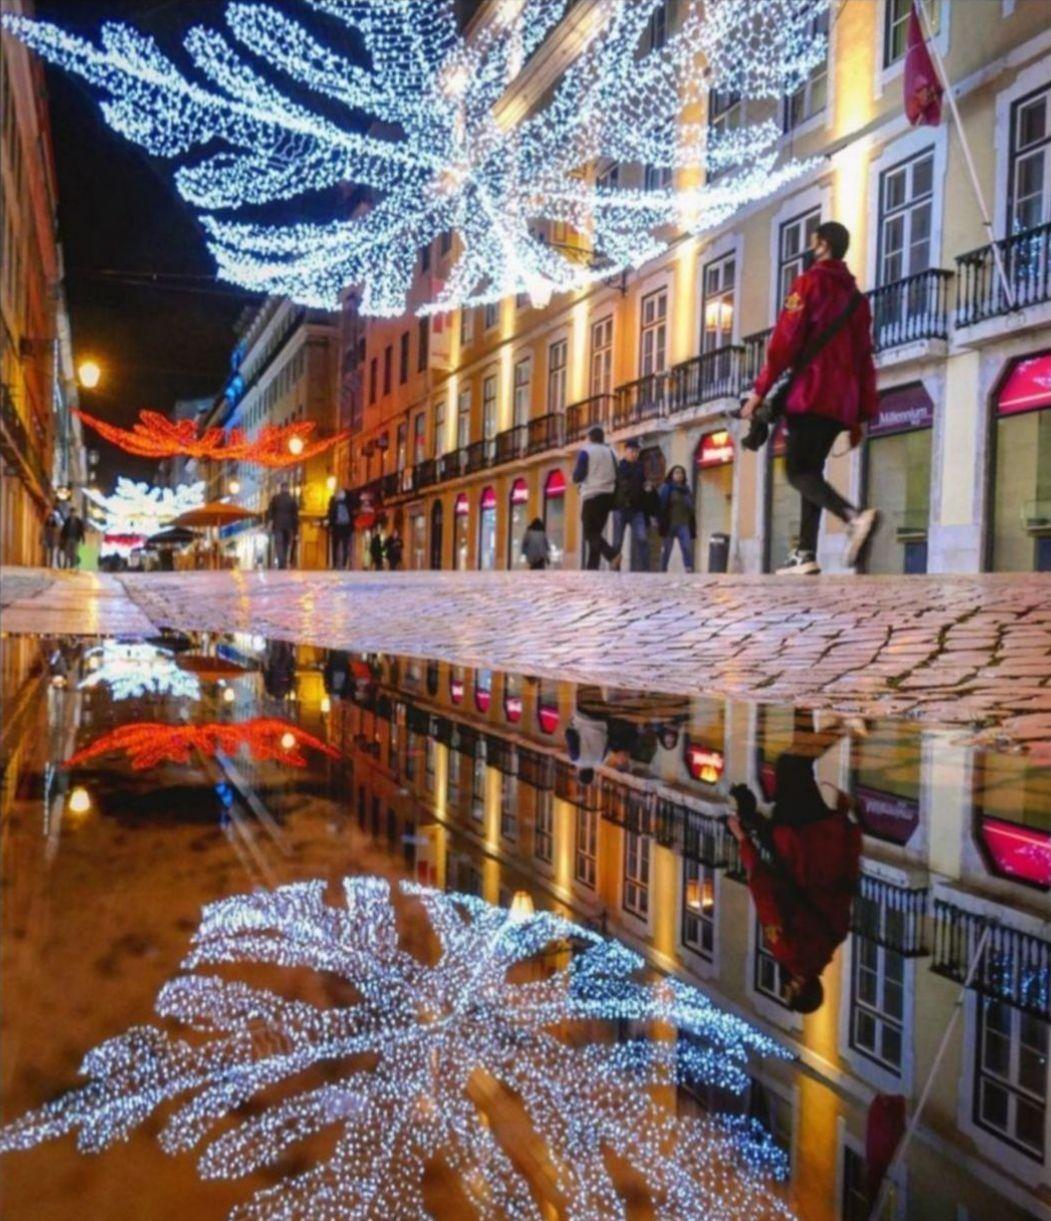 Very festive street shown in water reflection in Lisbon